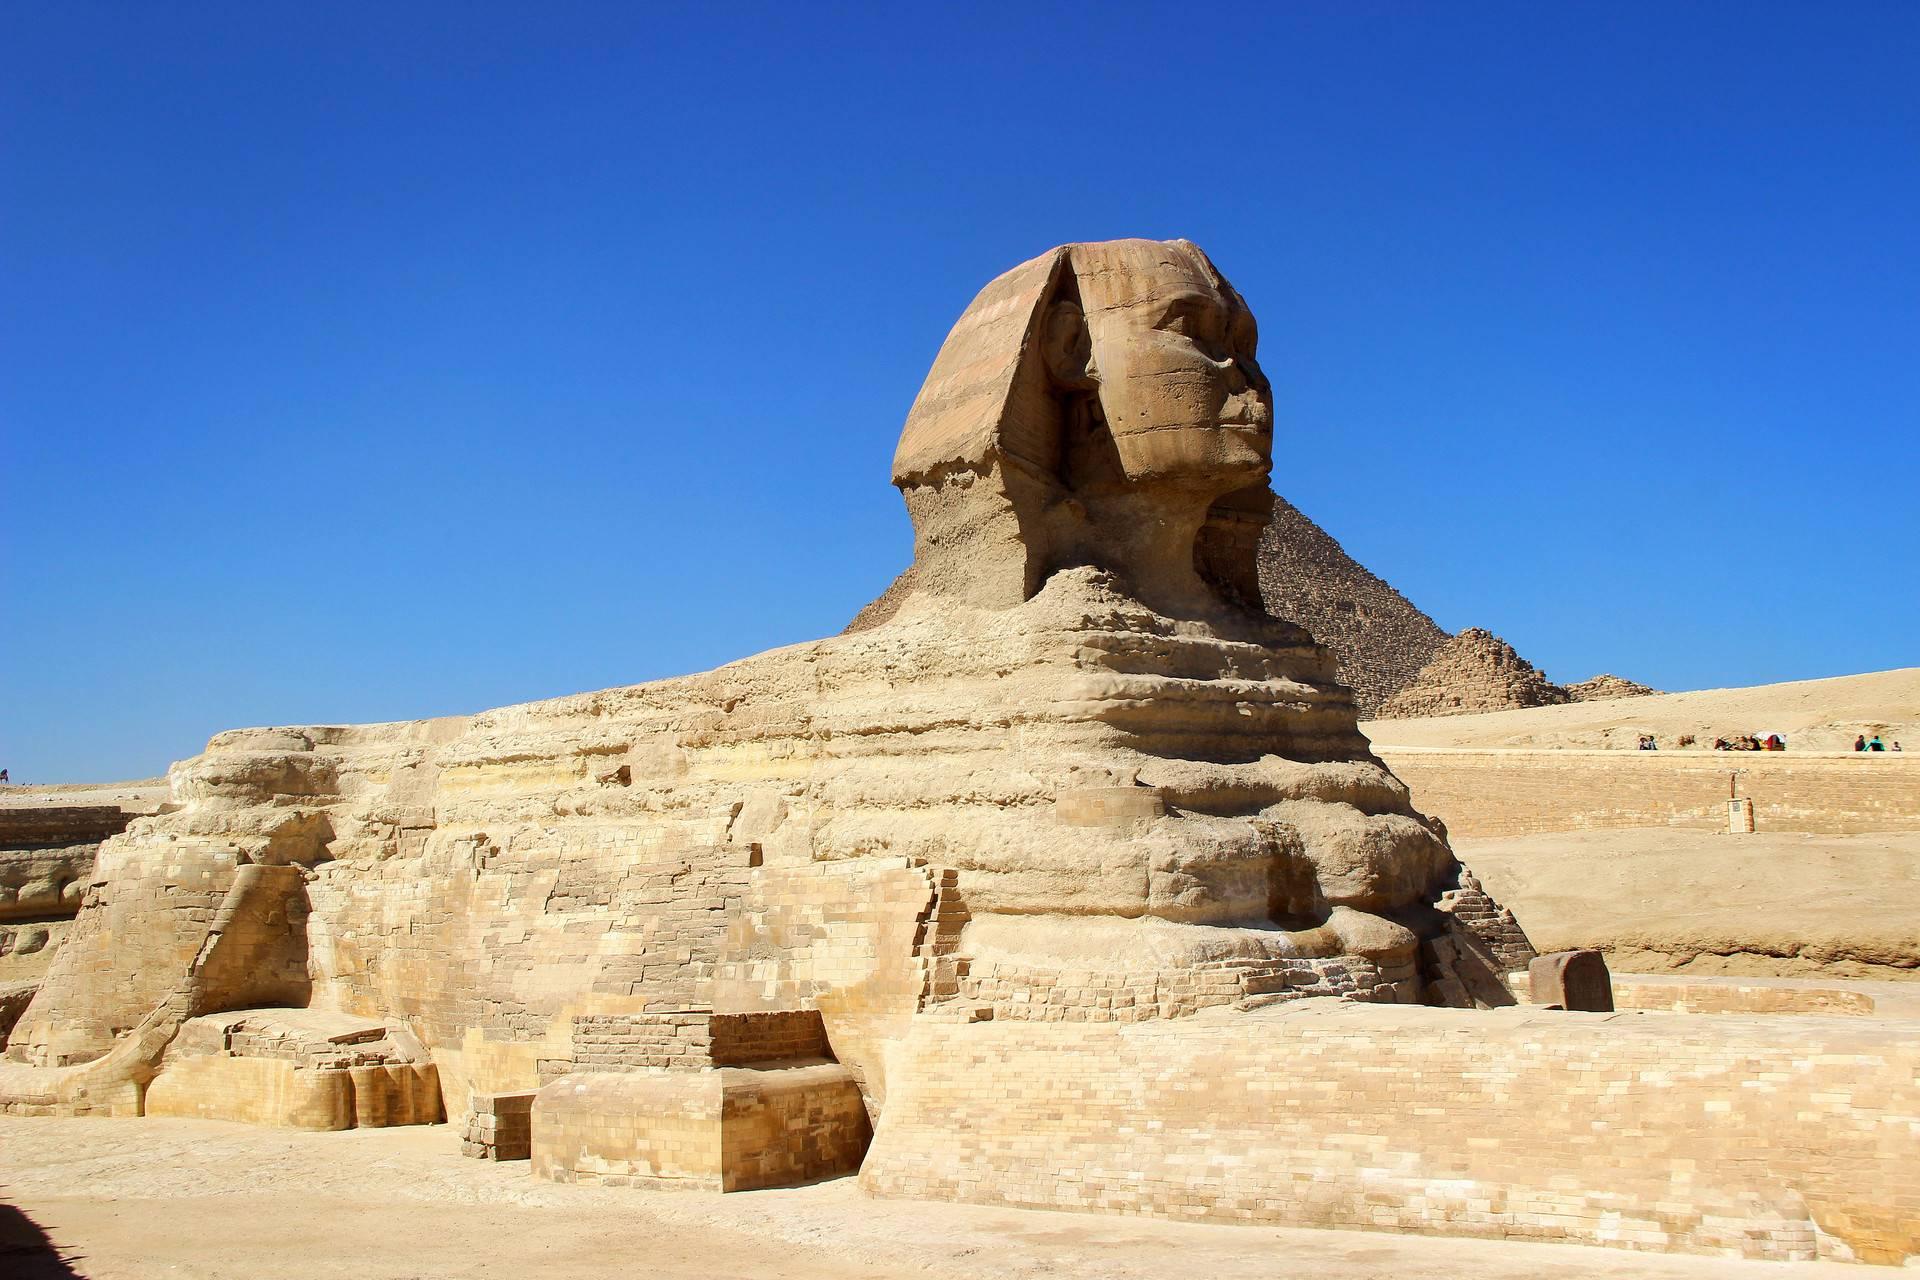 埃及·开罗+卢克索+红海+亚历山大·10天7晚